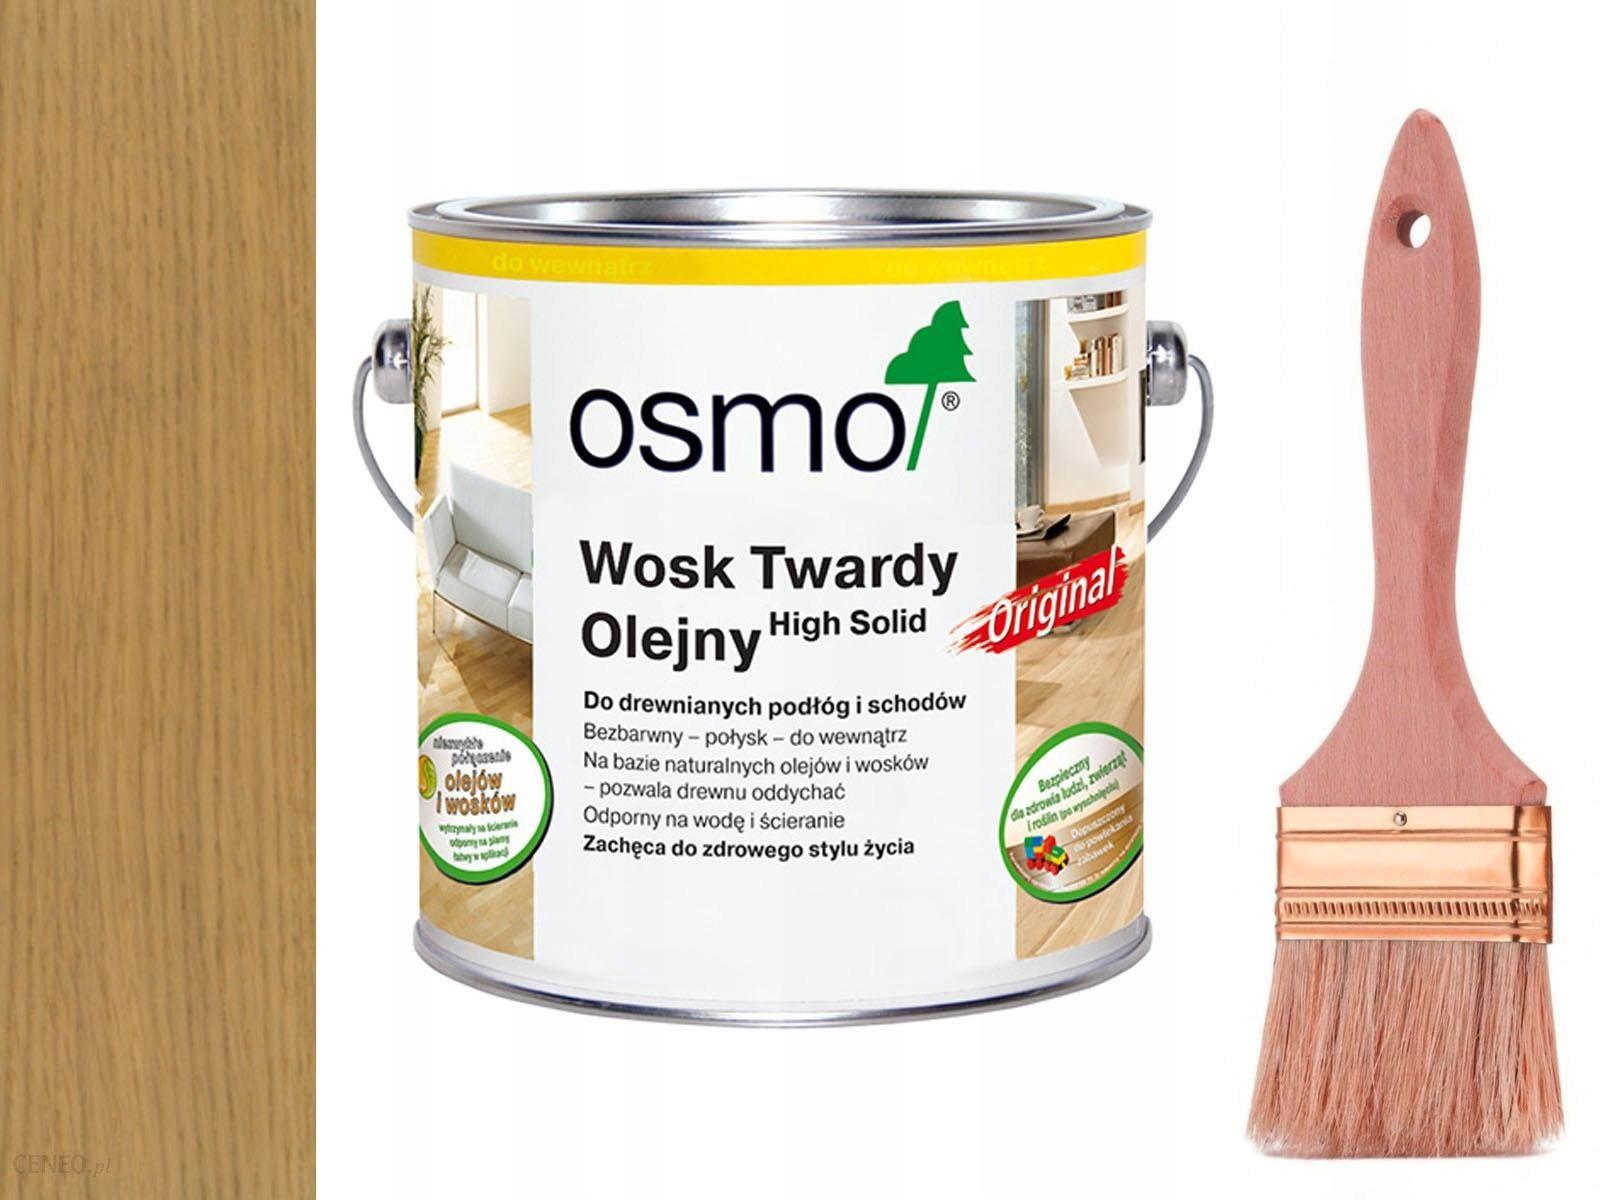 Osmo 3062 Wosk Twardy Olejny Original Mat 0 75 L Opinie I Ceny Na Ceneo Pl